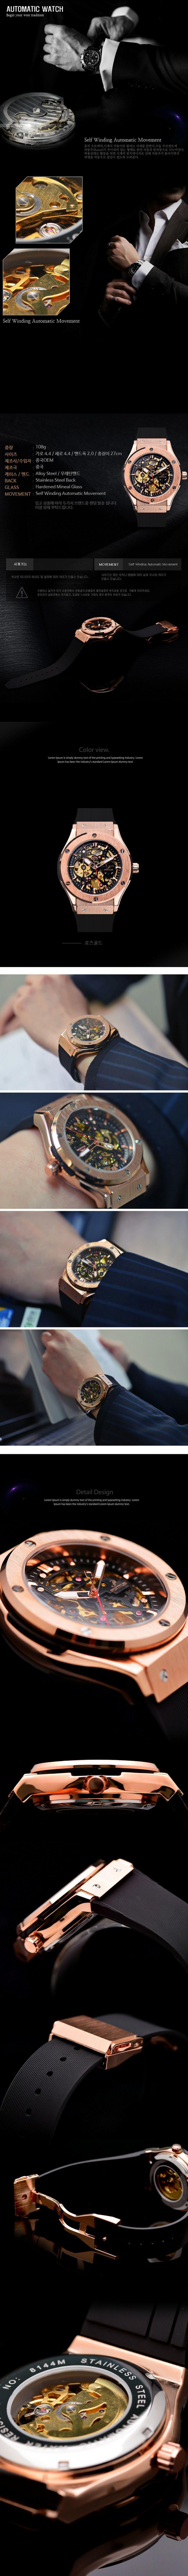 미앤유] 인기신상 남자메탈 오토매틱 손목시계 15종 - 티몬에 대한 갤러리